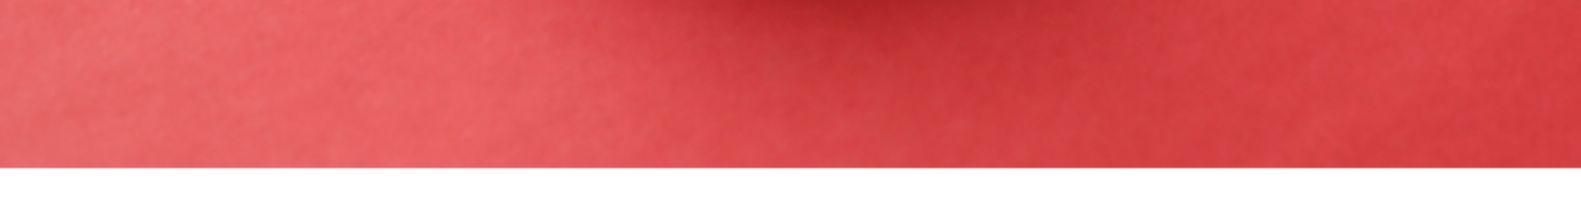 希尔顿酒店供应商、高档小金碗:100gx5碗 茗挚 即食冰糖燕窝 券后99元包邮 买手党-买手聚集的地方